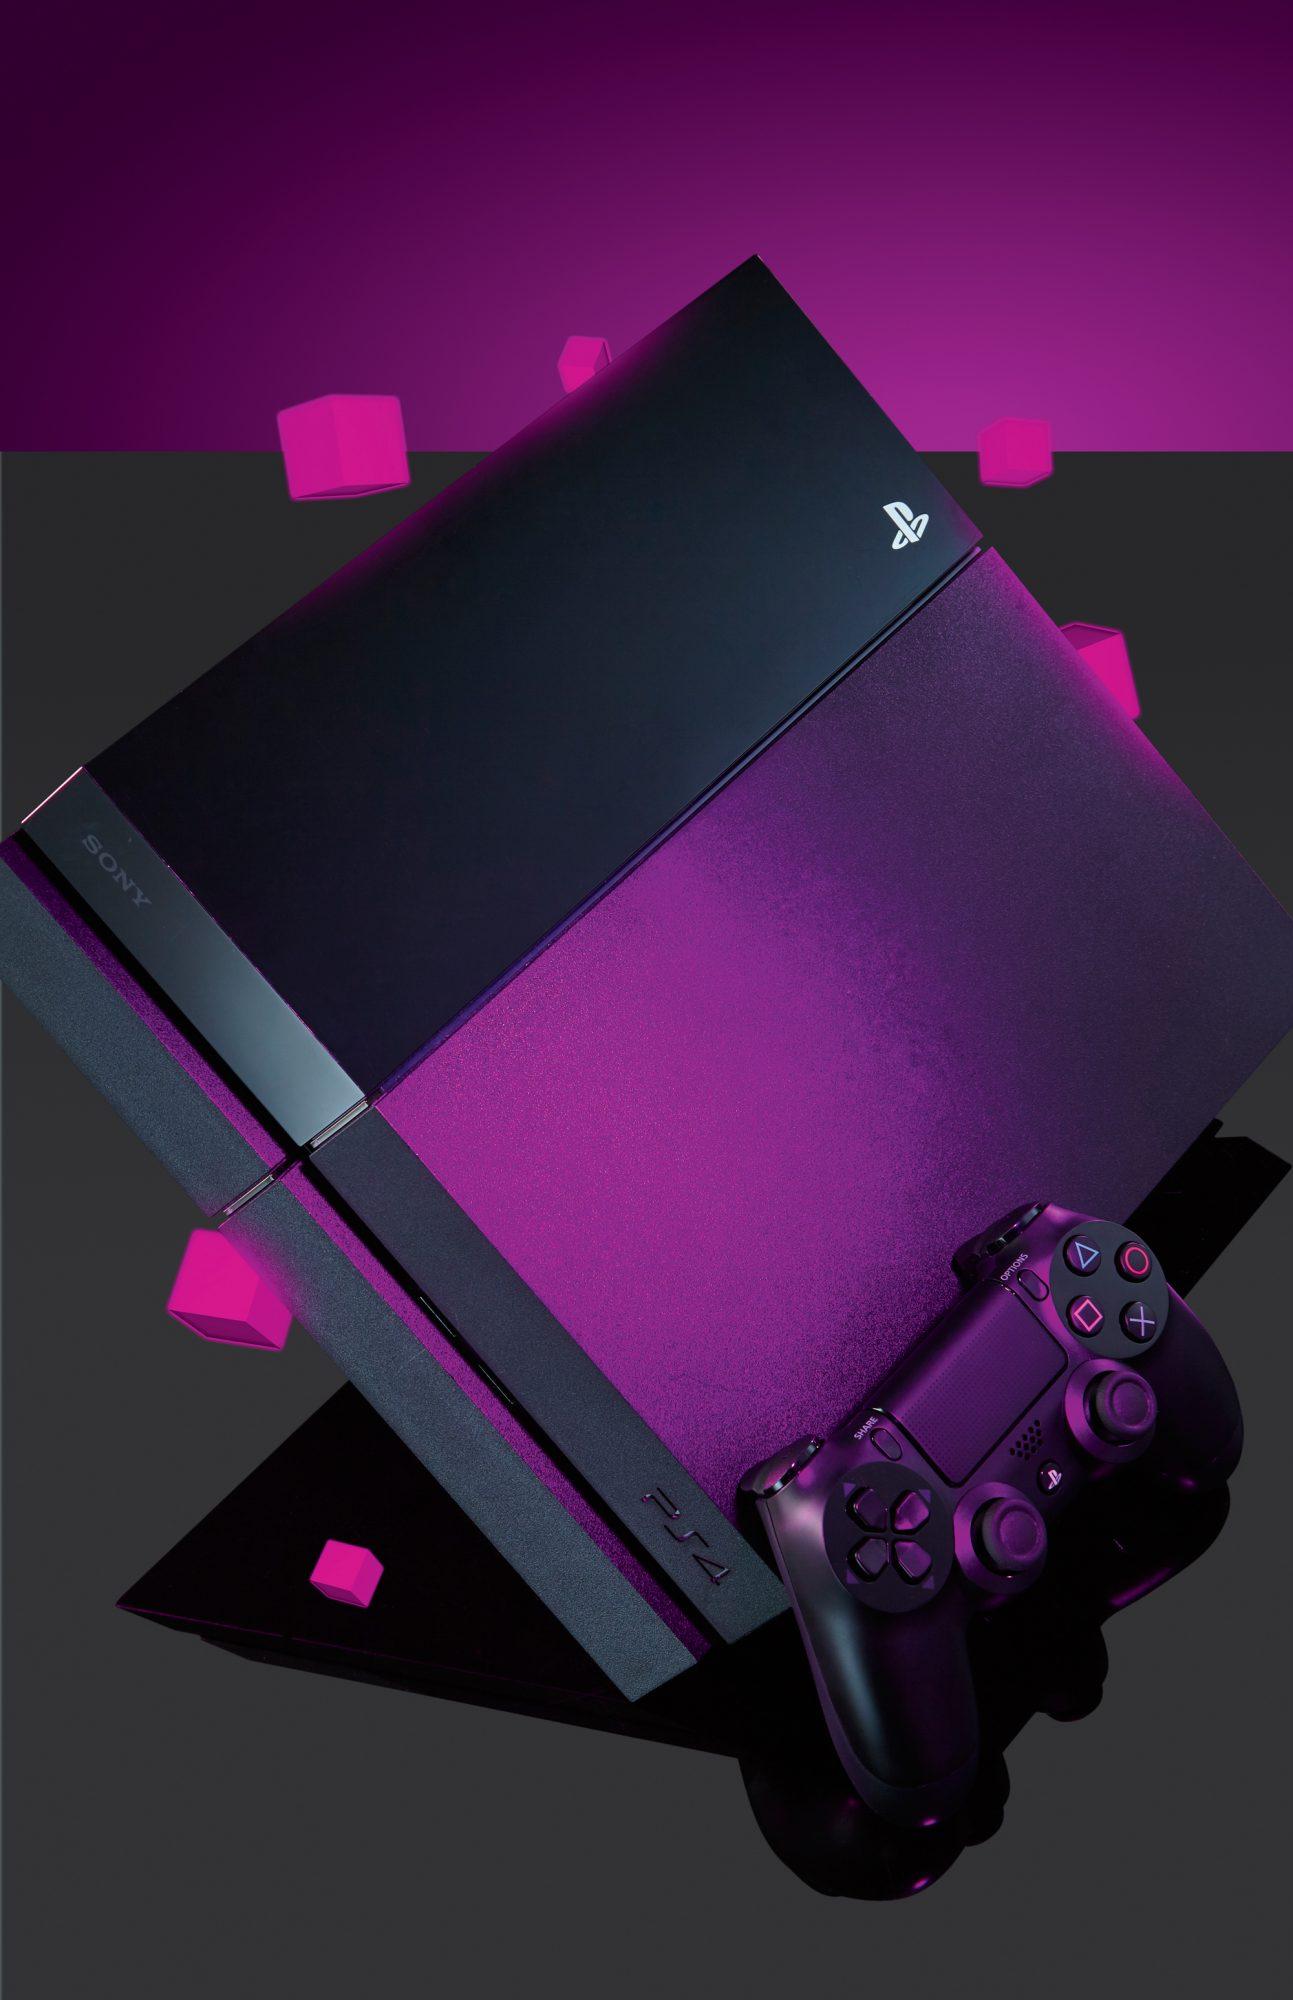 Jeśli nie lubisz grać na pececie i chcesz, aby w twoim salonie pojawiła się nowa konsola, to naszym zdaniem powinieneś zdecydować się na zakup PS4.